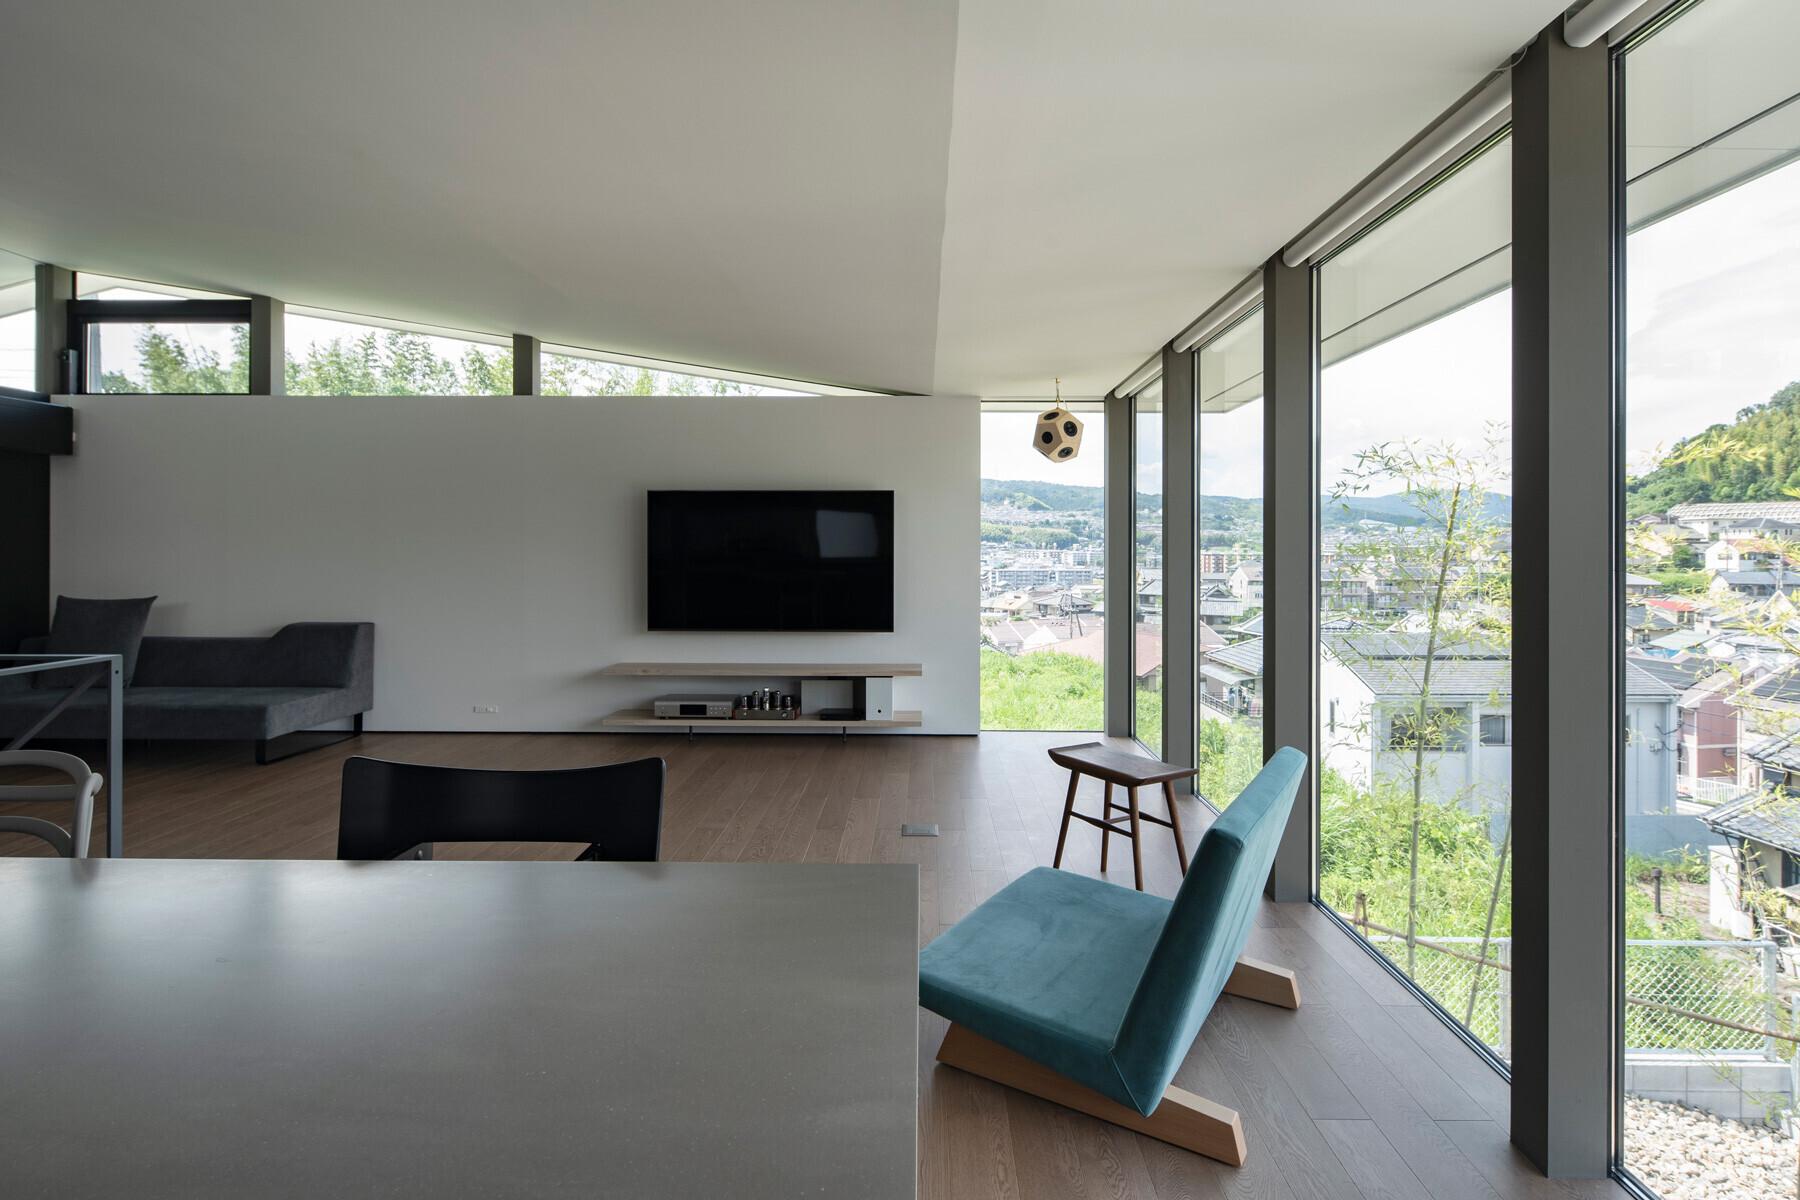 壁の端部をコーナーから控えることで、大和川方面への眺望を確保しつつ、屋根に浮遊感を与えるデザイン。 | 片岡山の家|眺めのよい斜面地に架けた大屋根の下で暮らす住まい